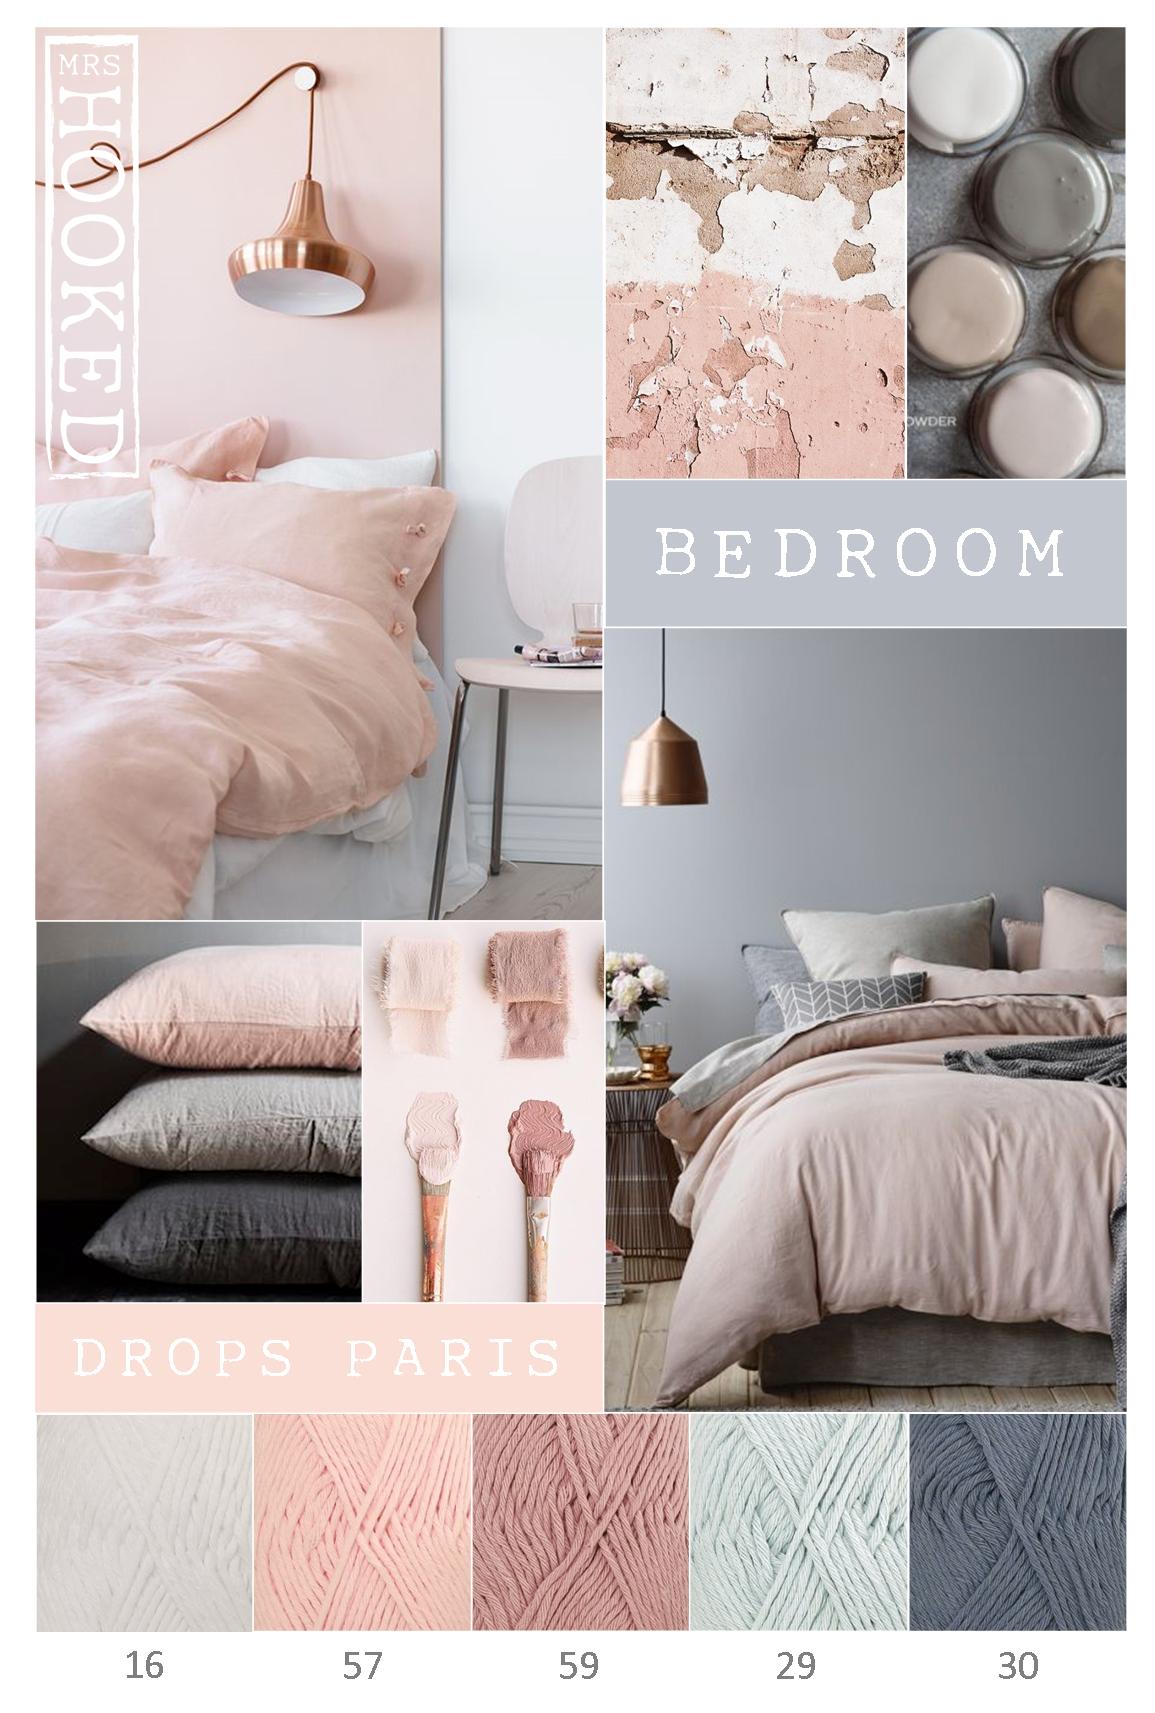 Kleurinspiratie bedroom grijs en roze Drops Paris - Moodboard huis ...